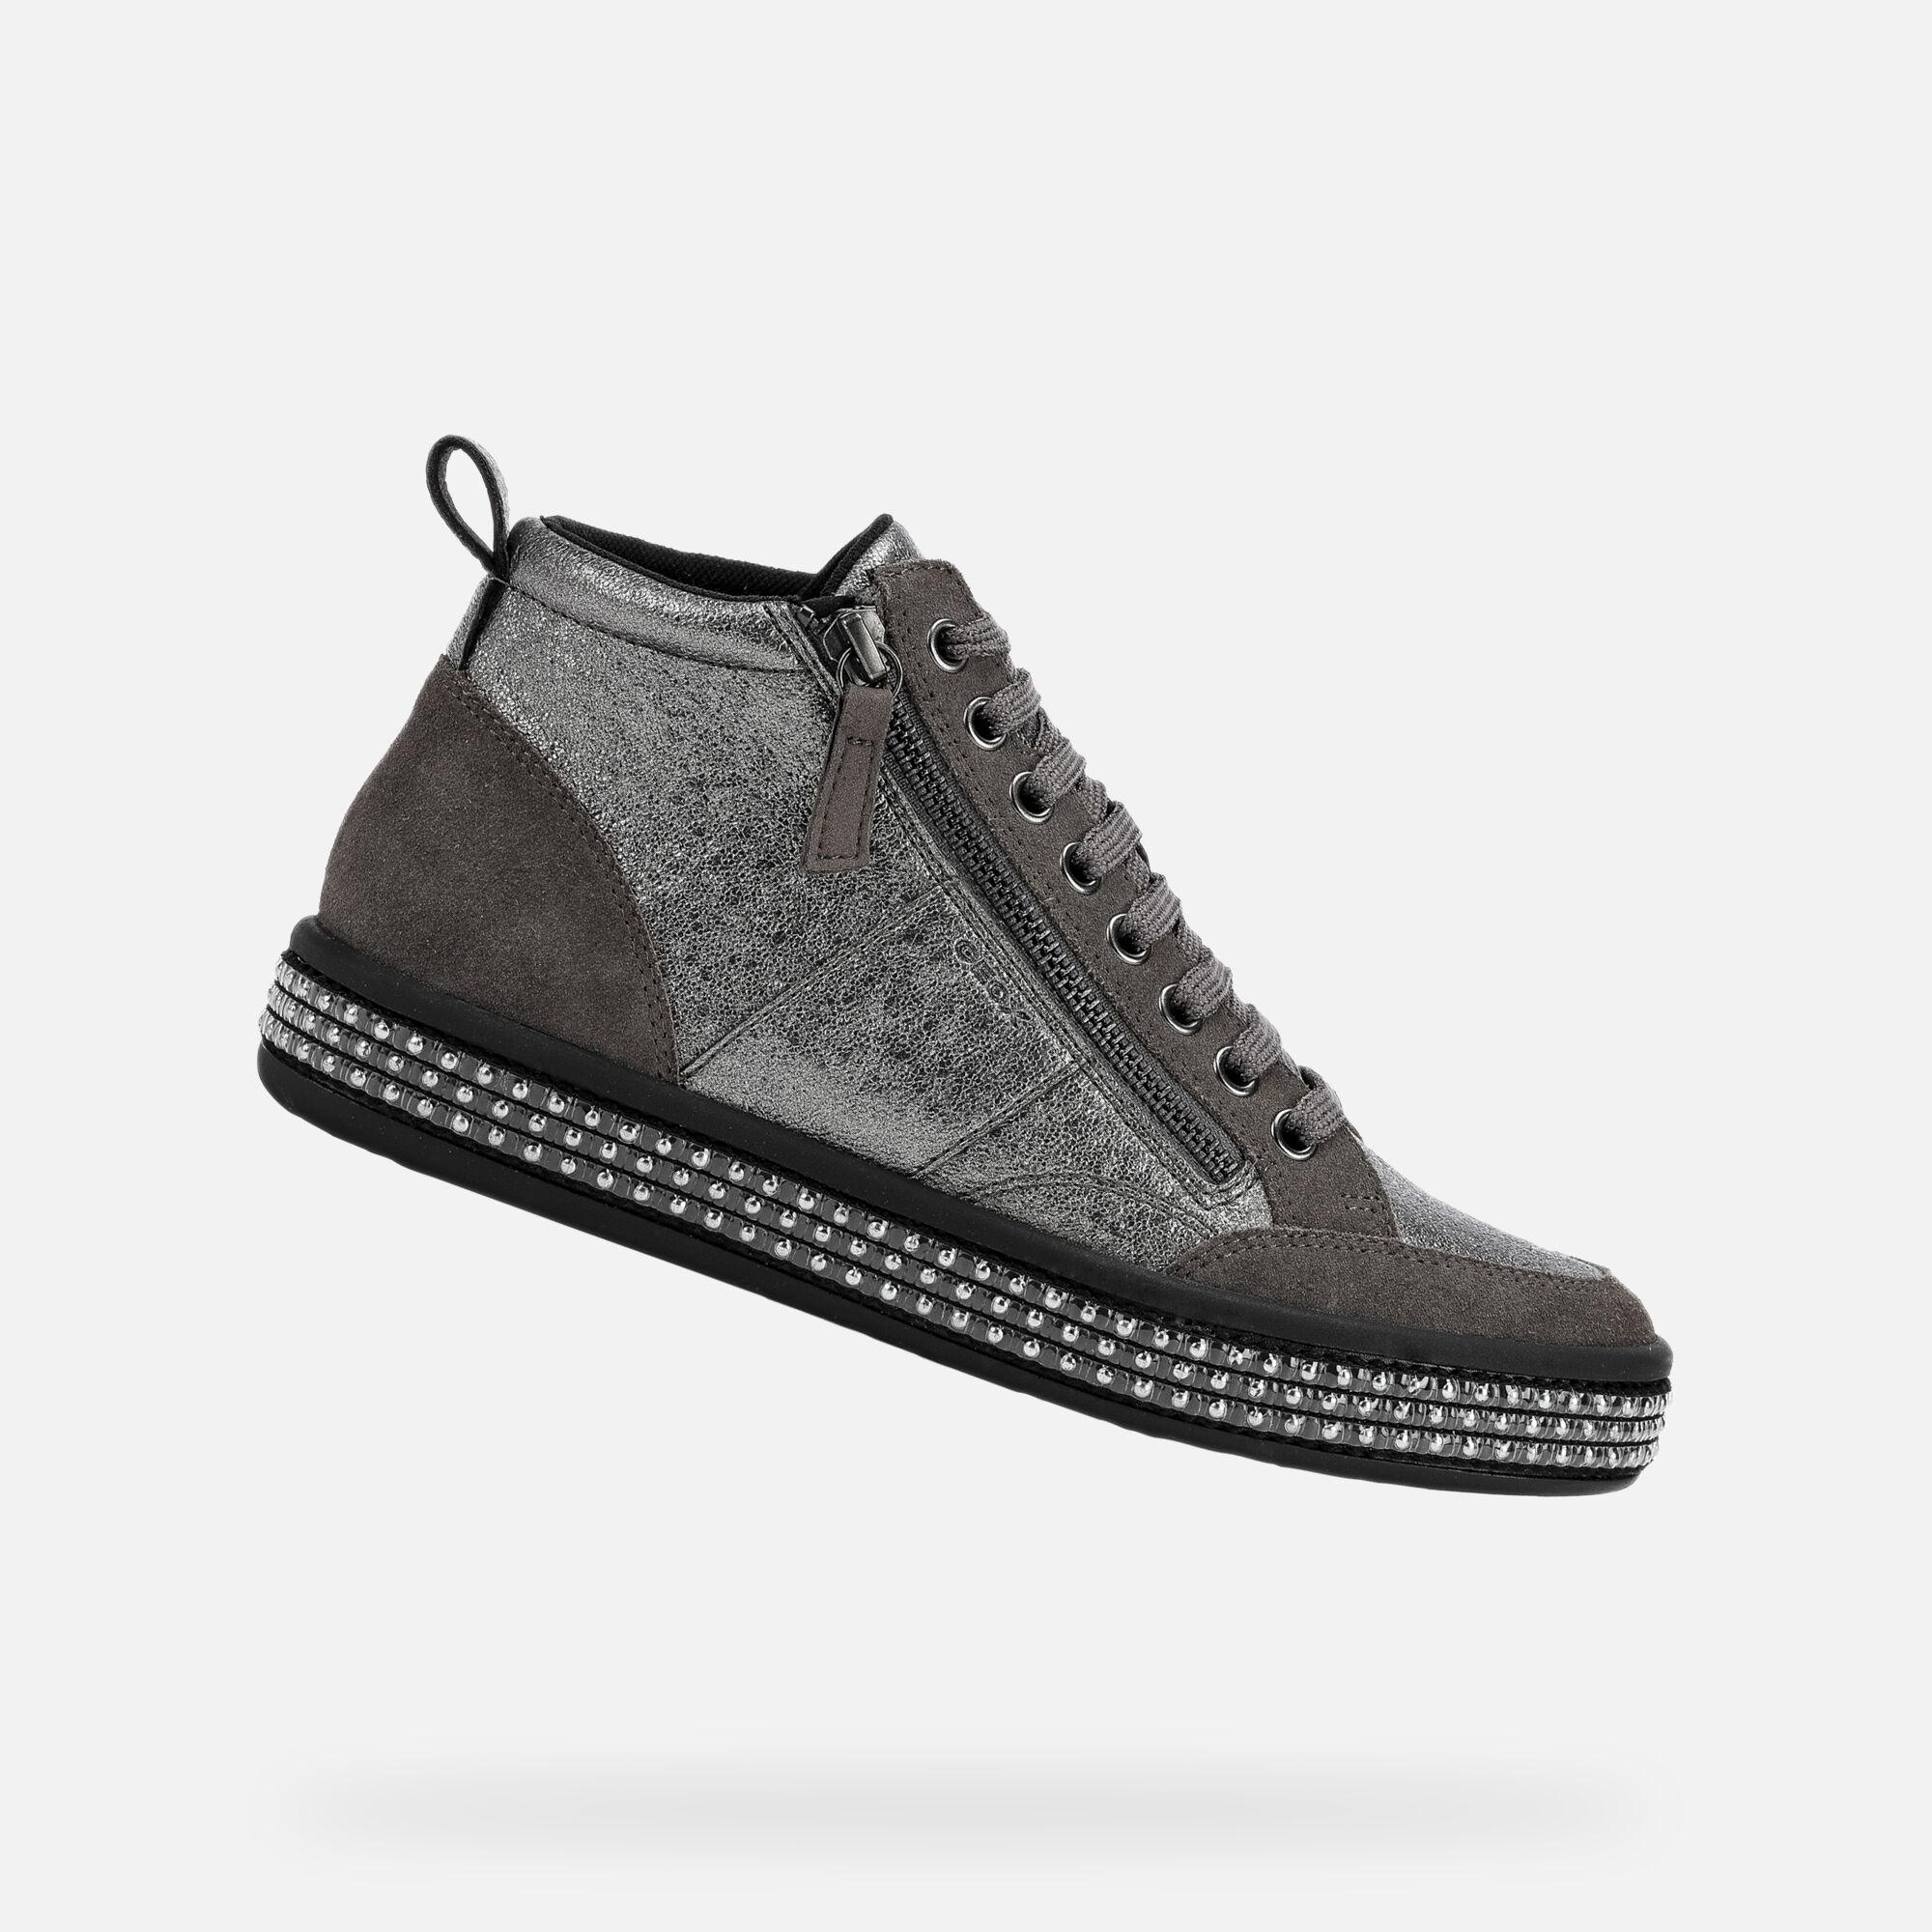 Chaussures sport femme Geox grises à lacets. Modèle D LEELU